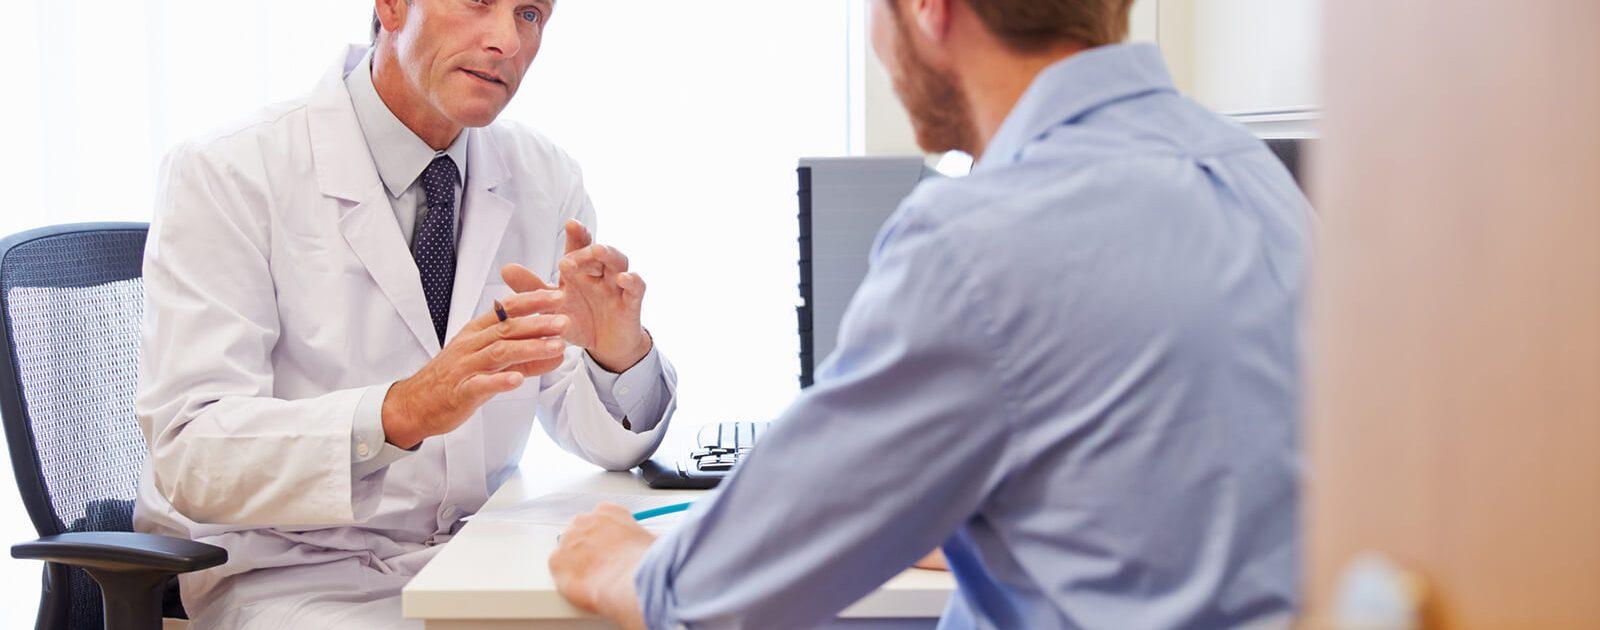 Arzt erklärt Patient die Entstehung einer Analfissur